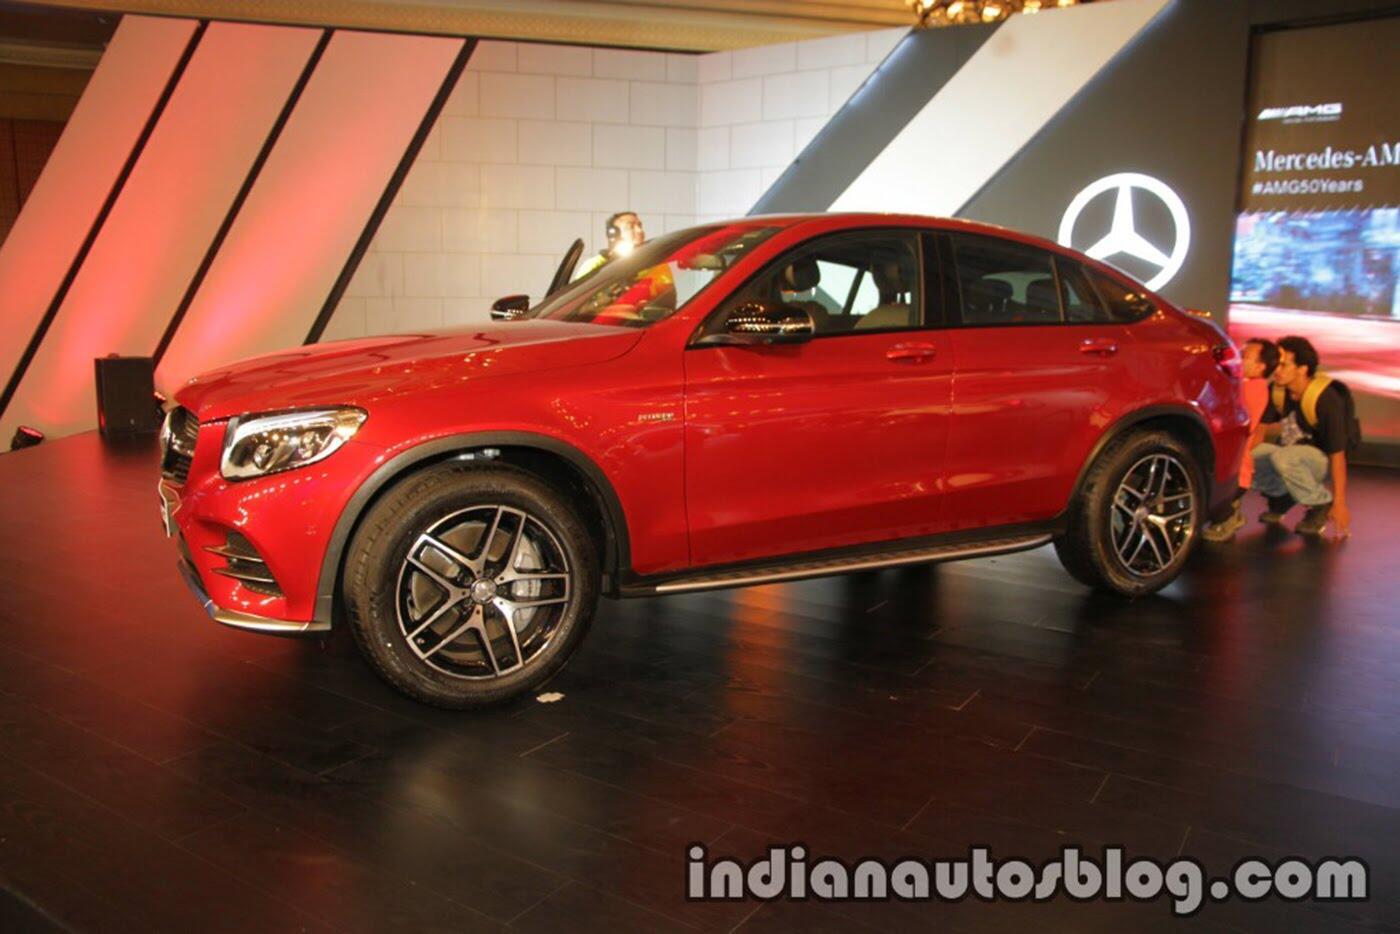 Mercedes-AMG GLC 43 4MATIC Coupe ra mắt, giá 116.000 USD - Hình 2